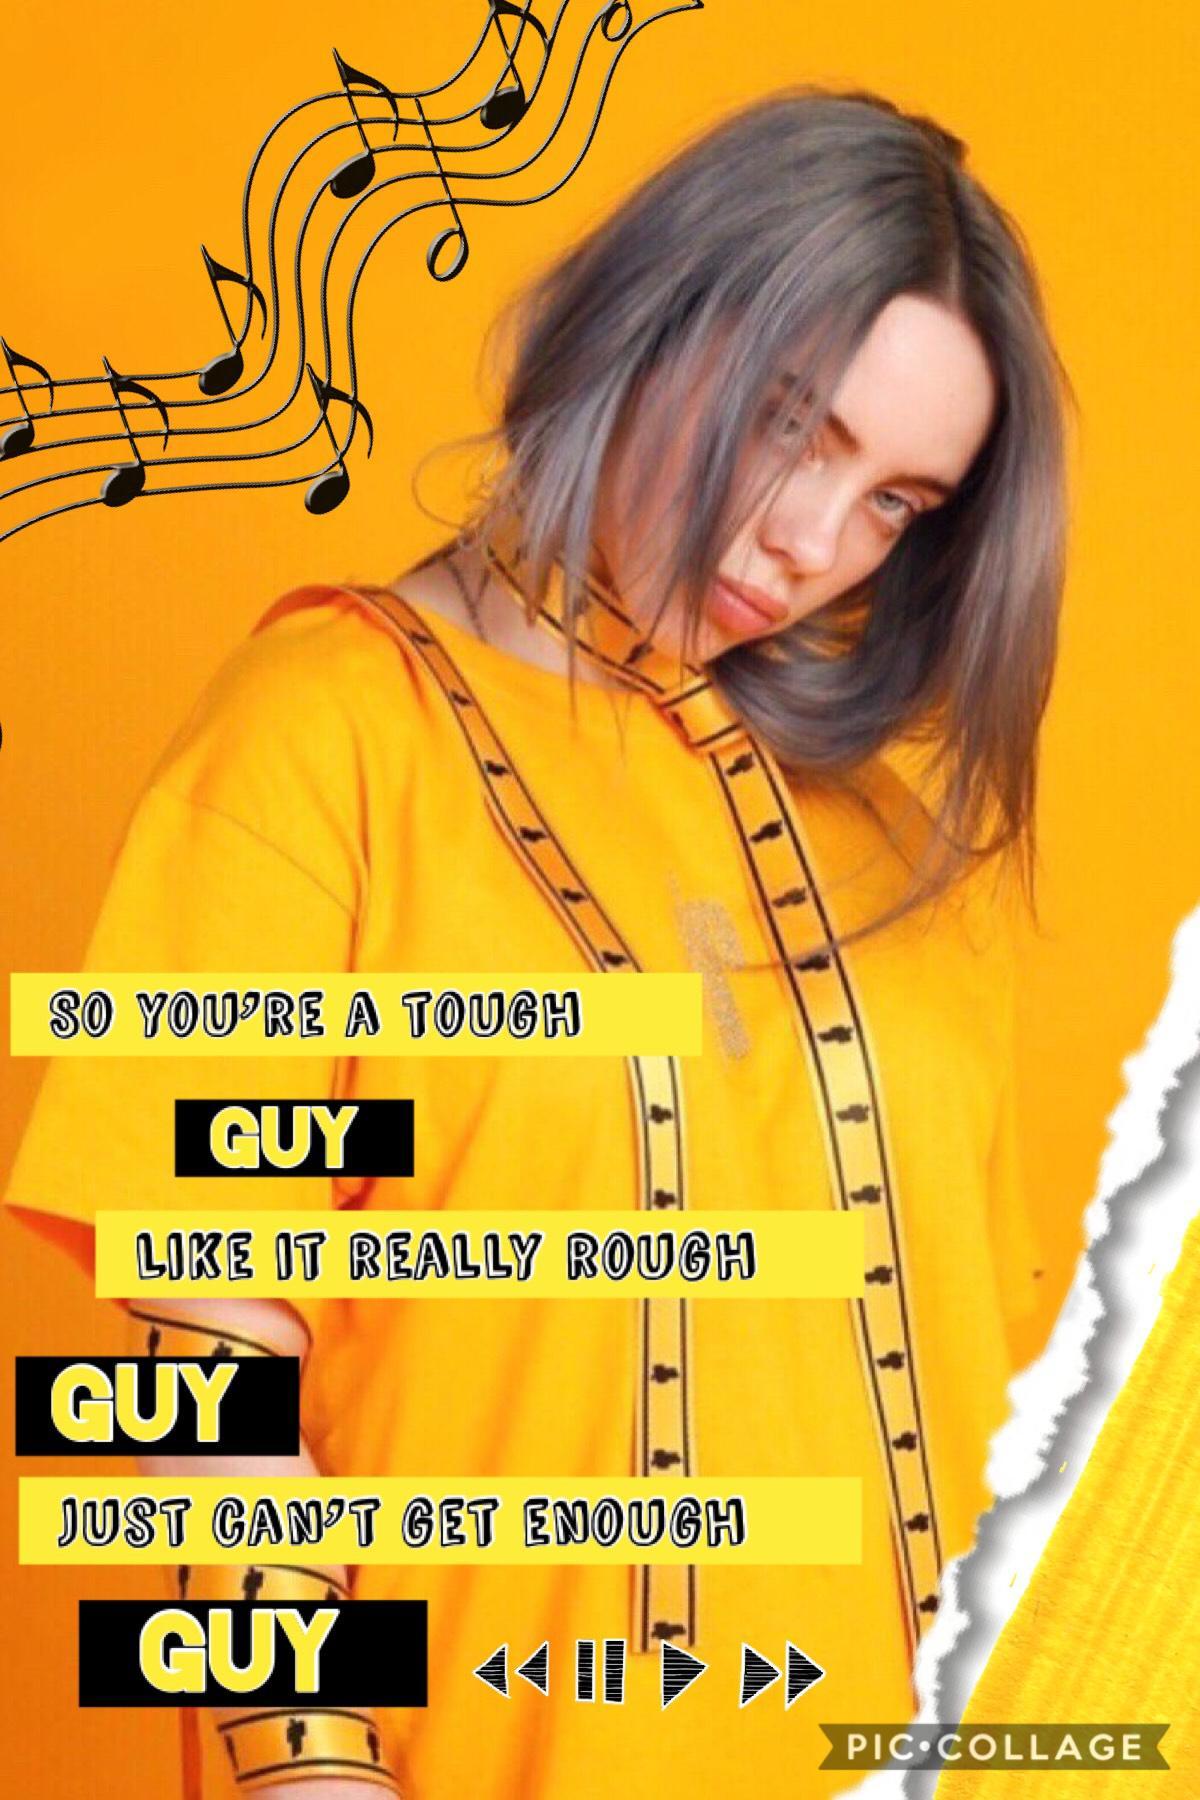 💛Tap💛 One of my favorite Billie Eilish songs (Bad Guy)